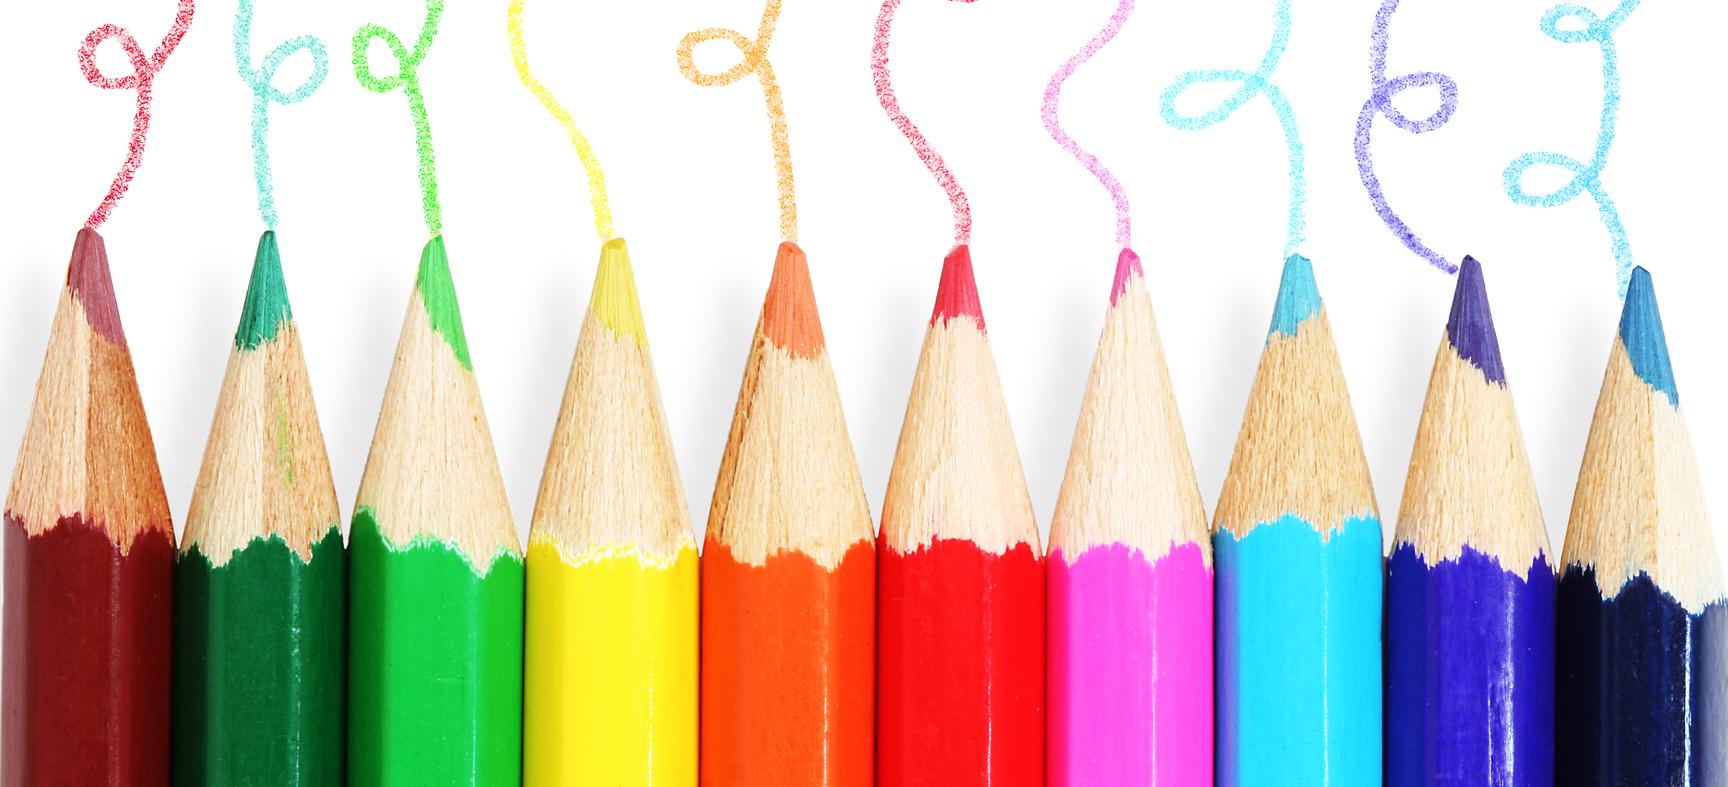 С 1 по 31 октября педиатрический центр «Тонус КРОХА» проводится конкурс детских рисунков «Что такое здоровье?»